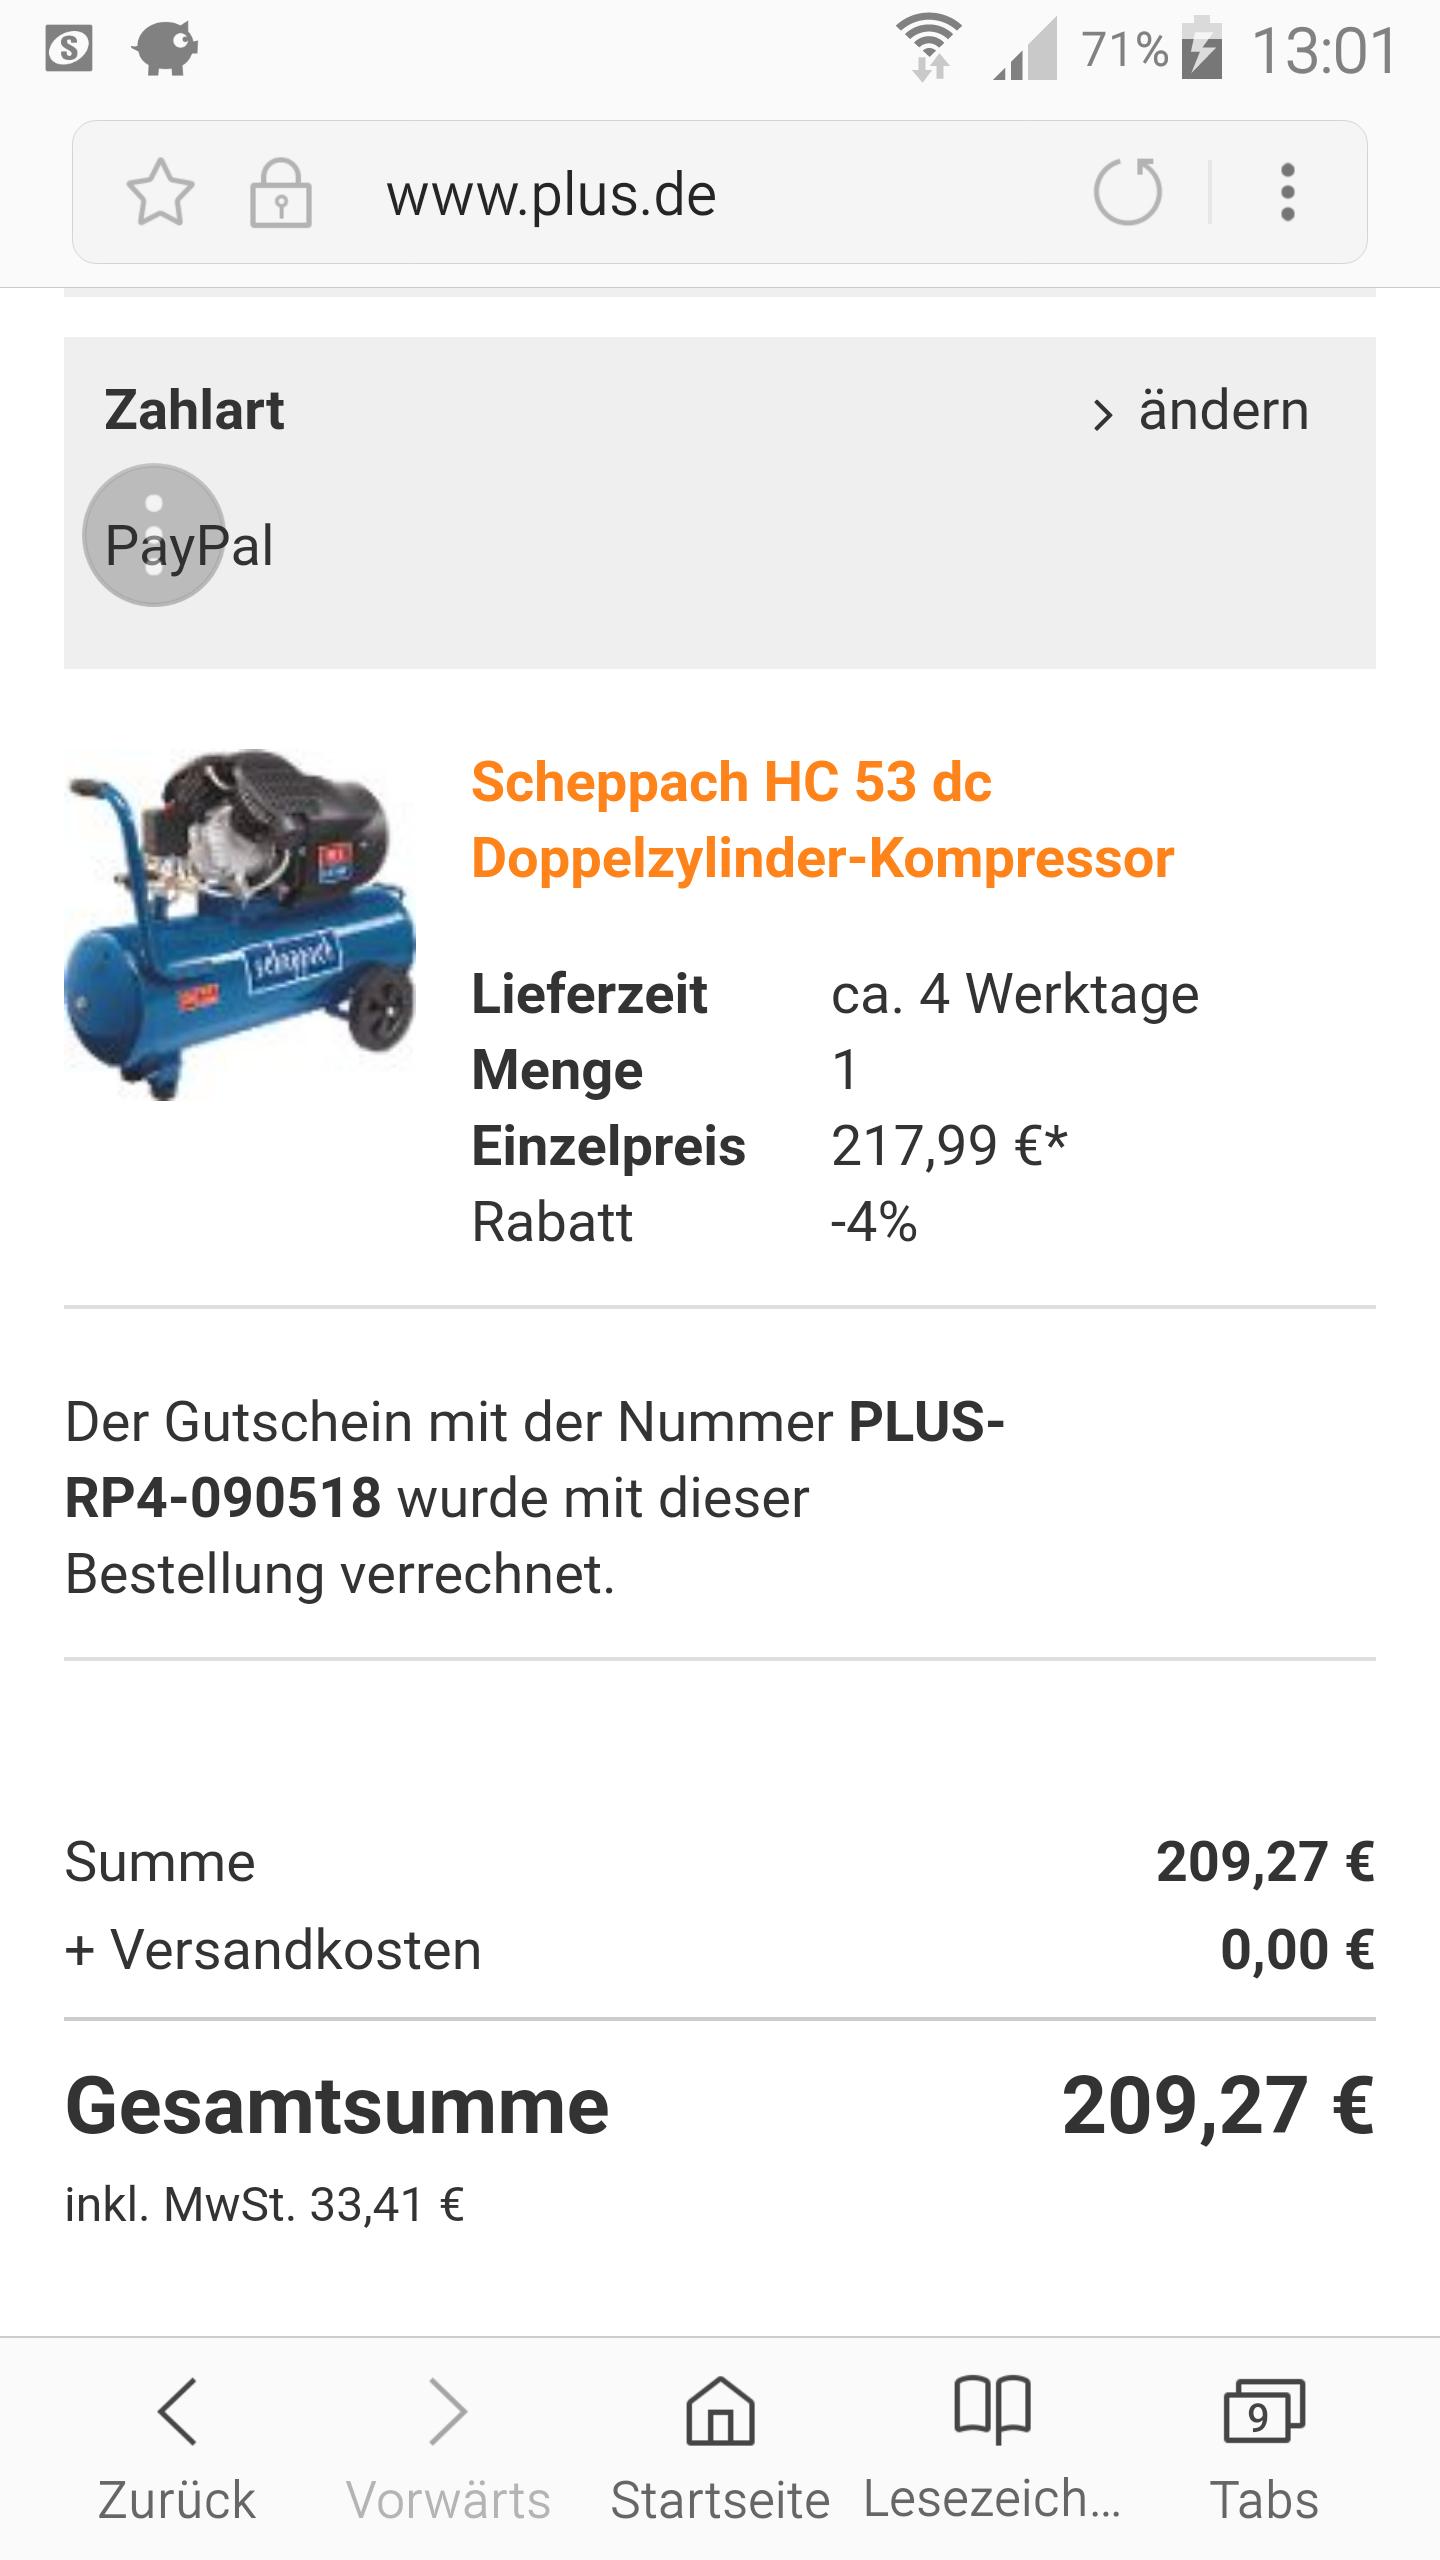 Scheppach HC 53 dc Doppelzylinder-Kompressor